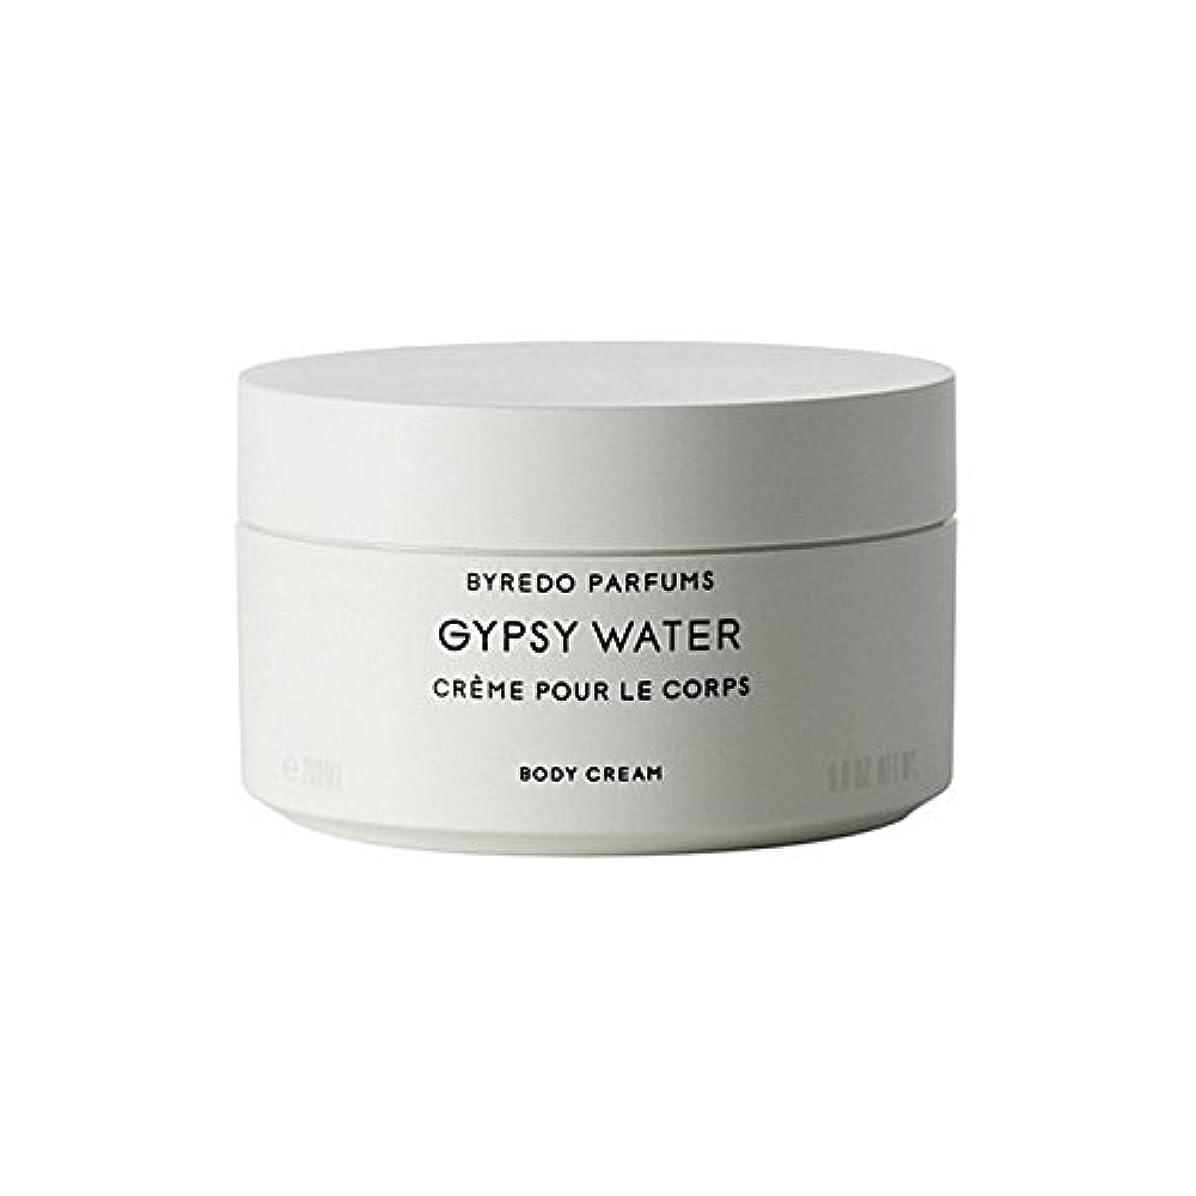 強打控えめな関税Byredo Gypsy Water Body Cream 200ml - ジプシー水ボディクリーム200ミリリットル [並行輸入品]